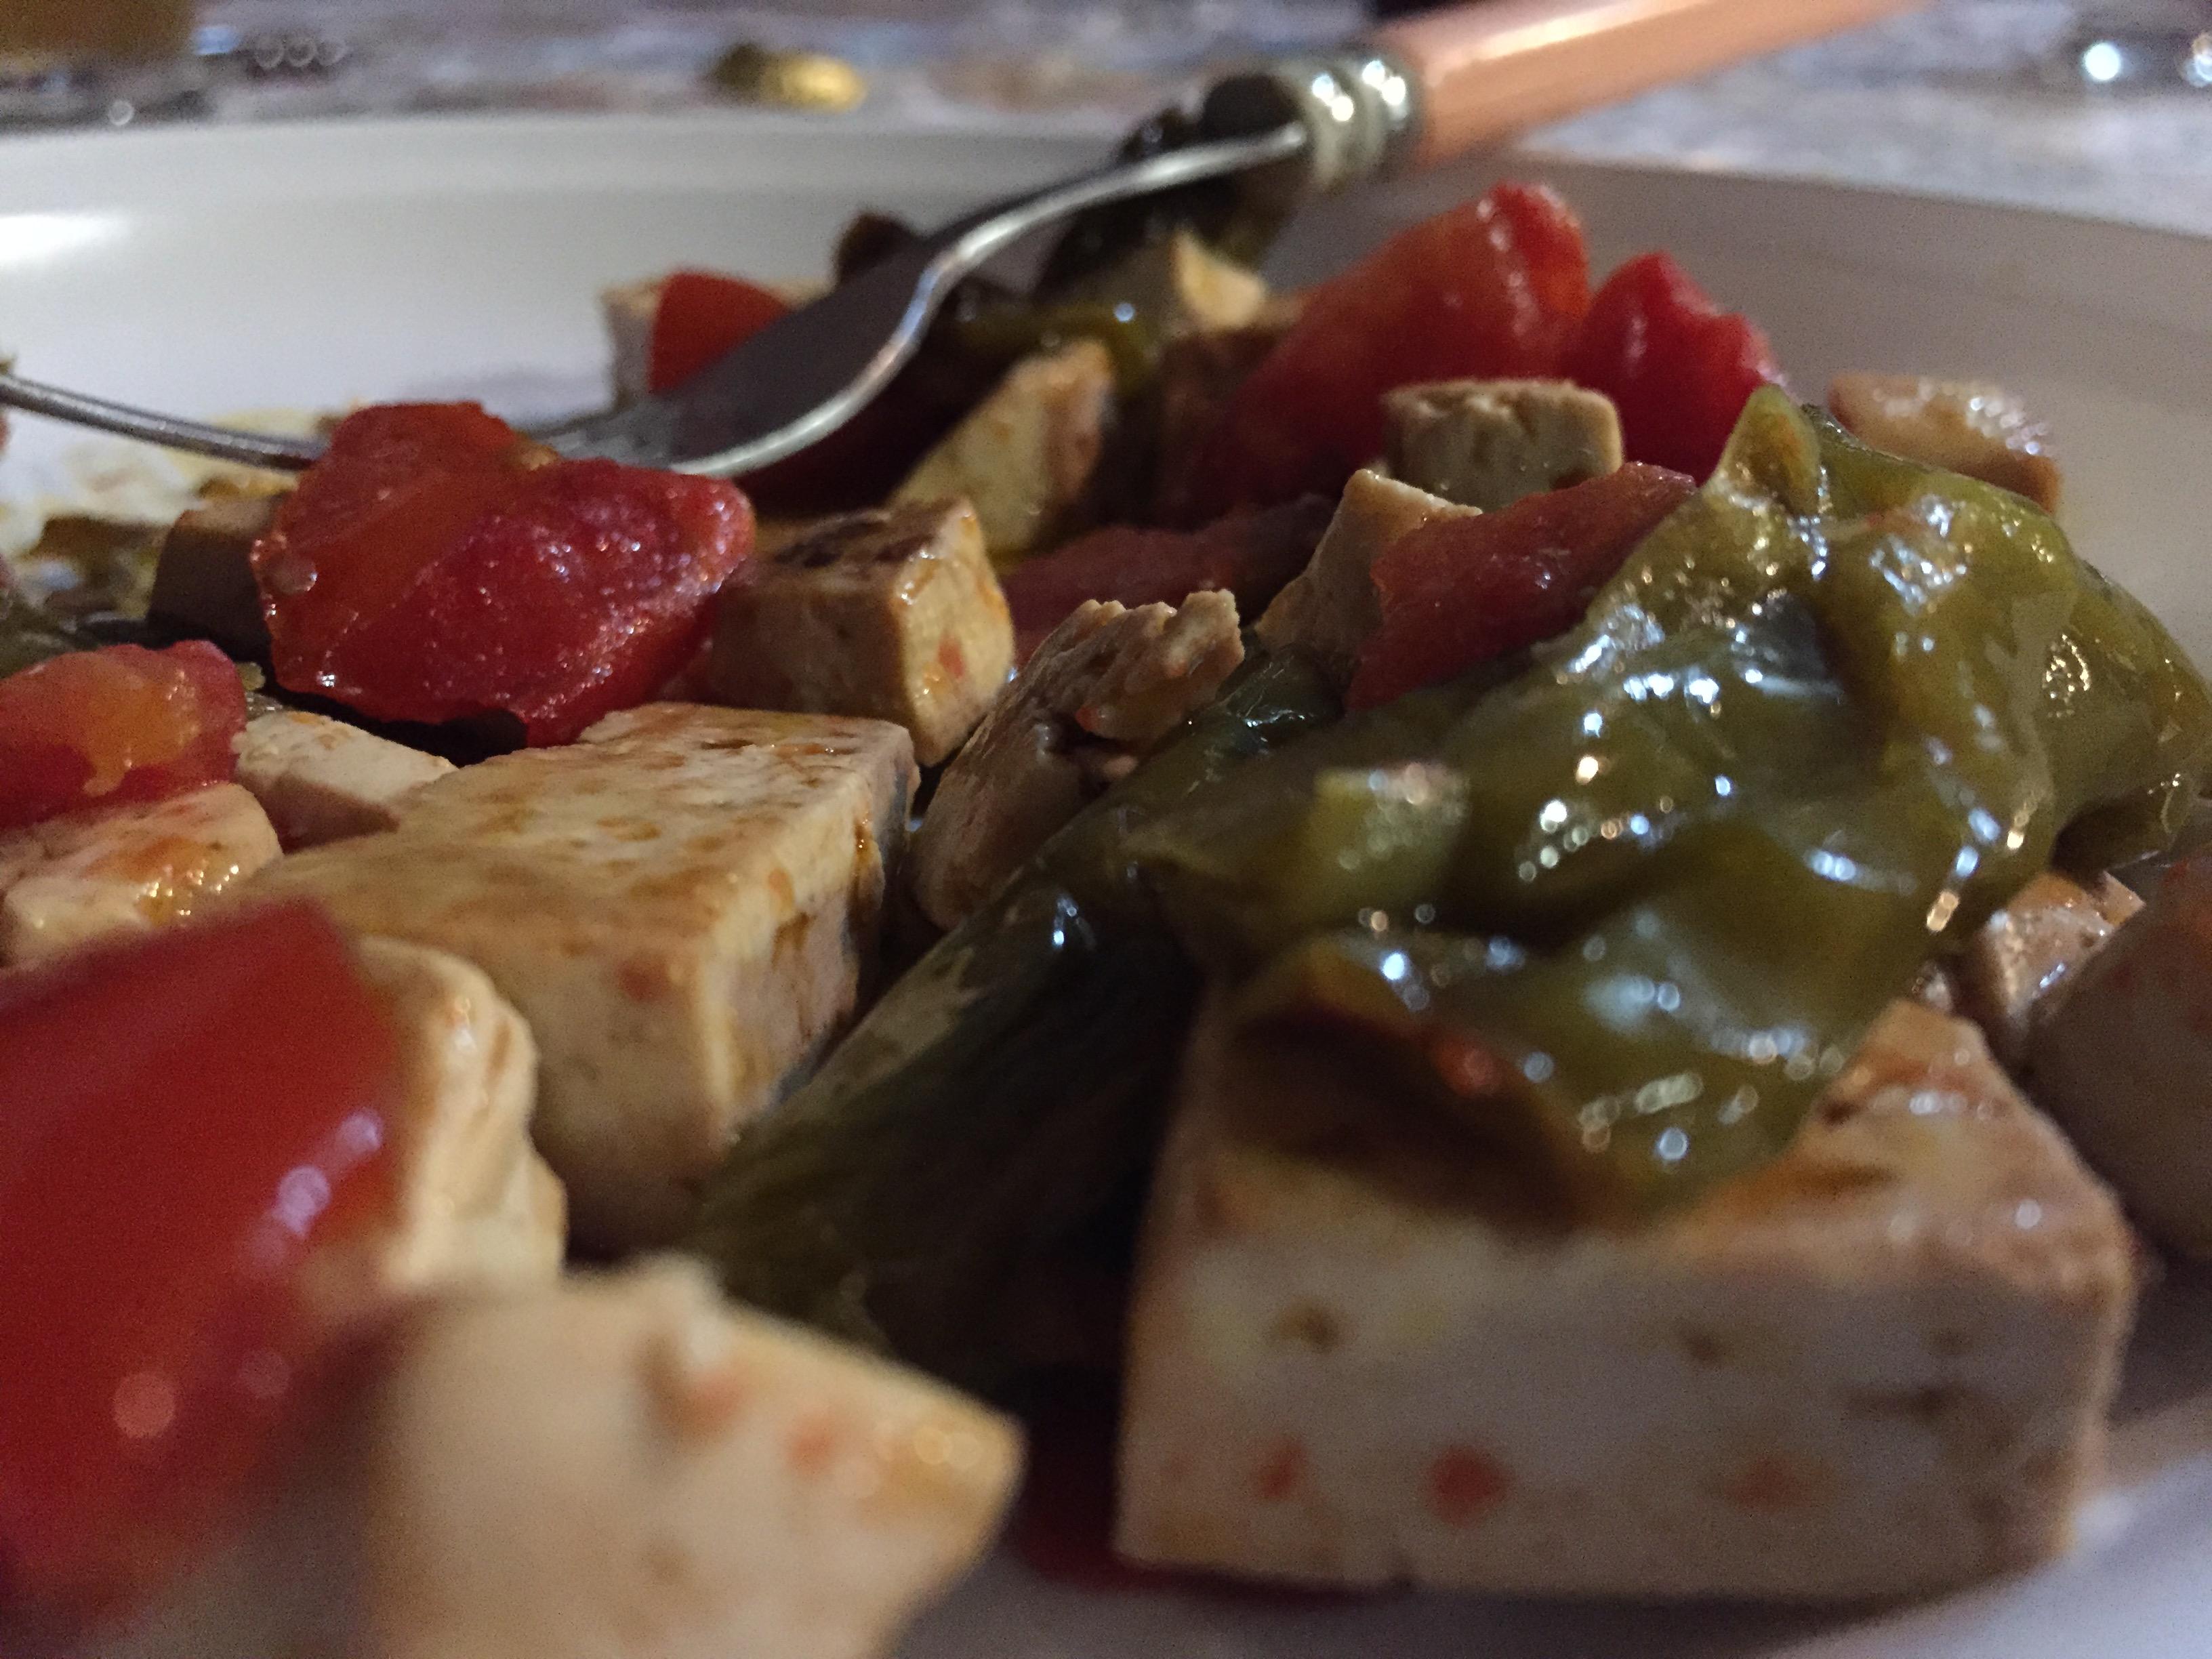 Ricetta tofu e friggitelli ricetta di patata bollente for Cucinare friggitelli